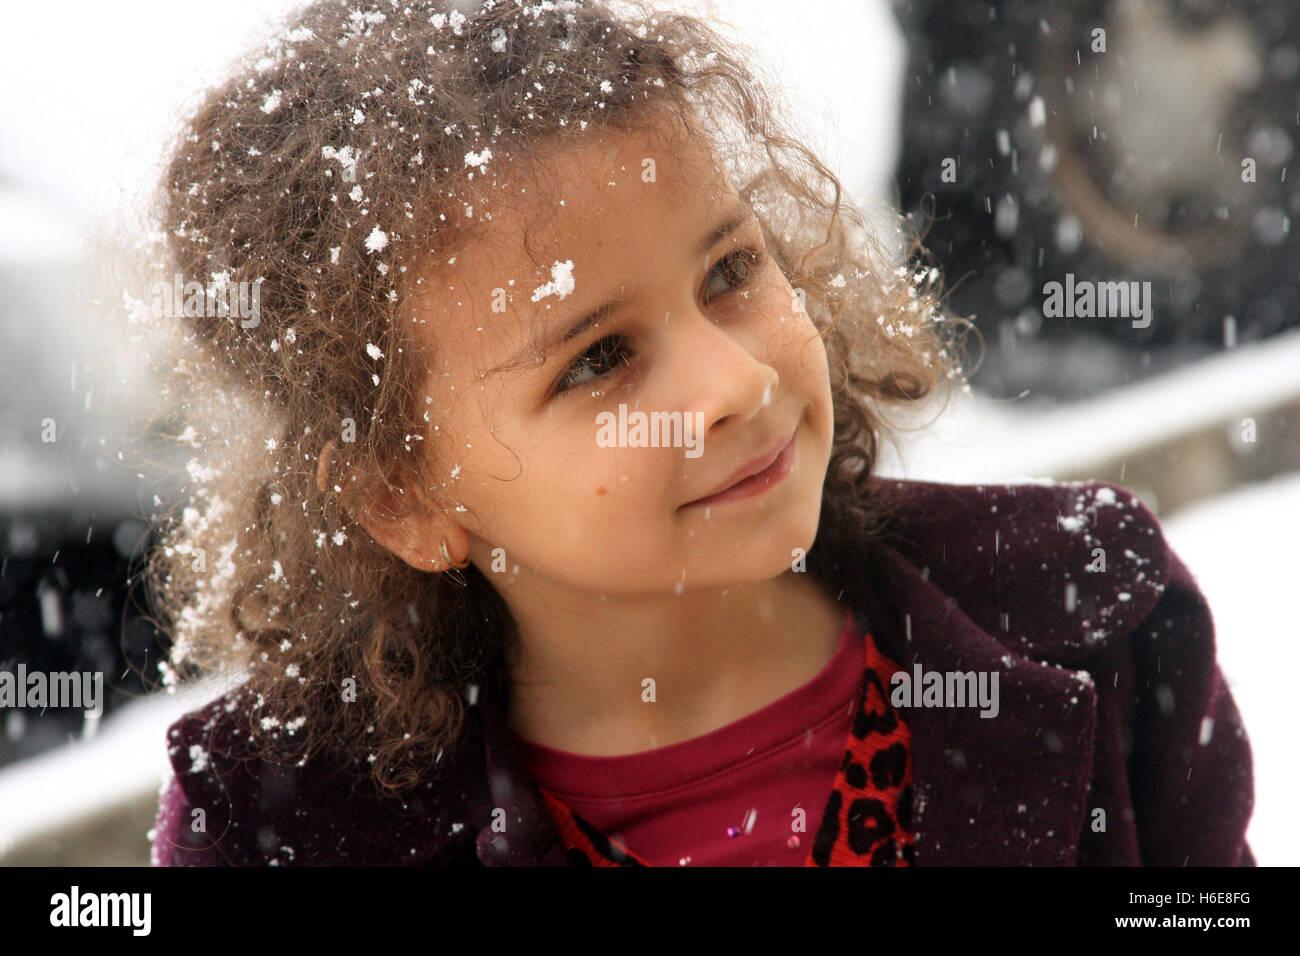 Petite fille heureuse pour la neige tombant autour de Photo Stock